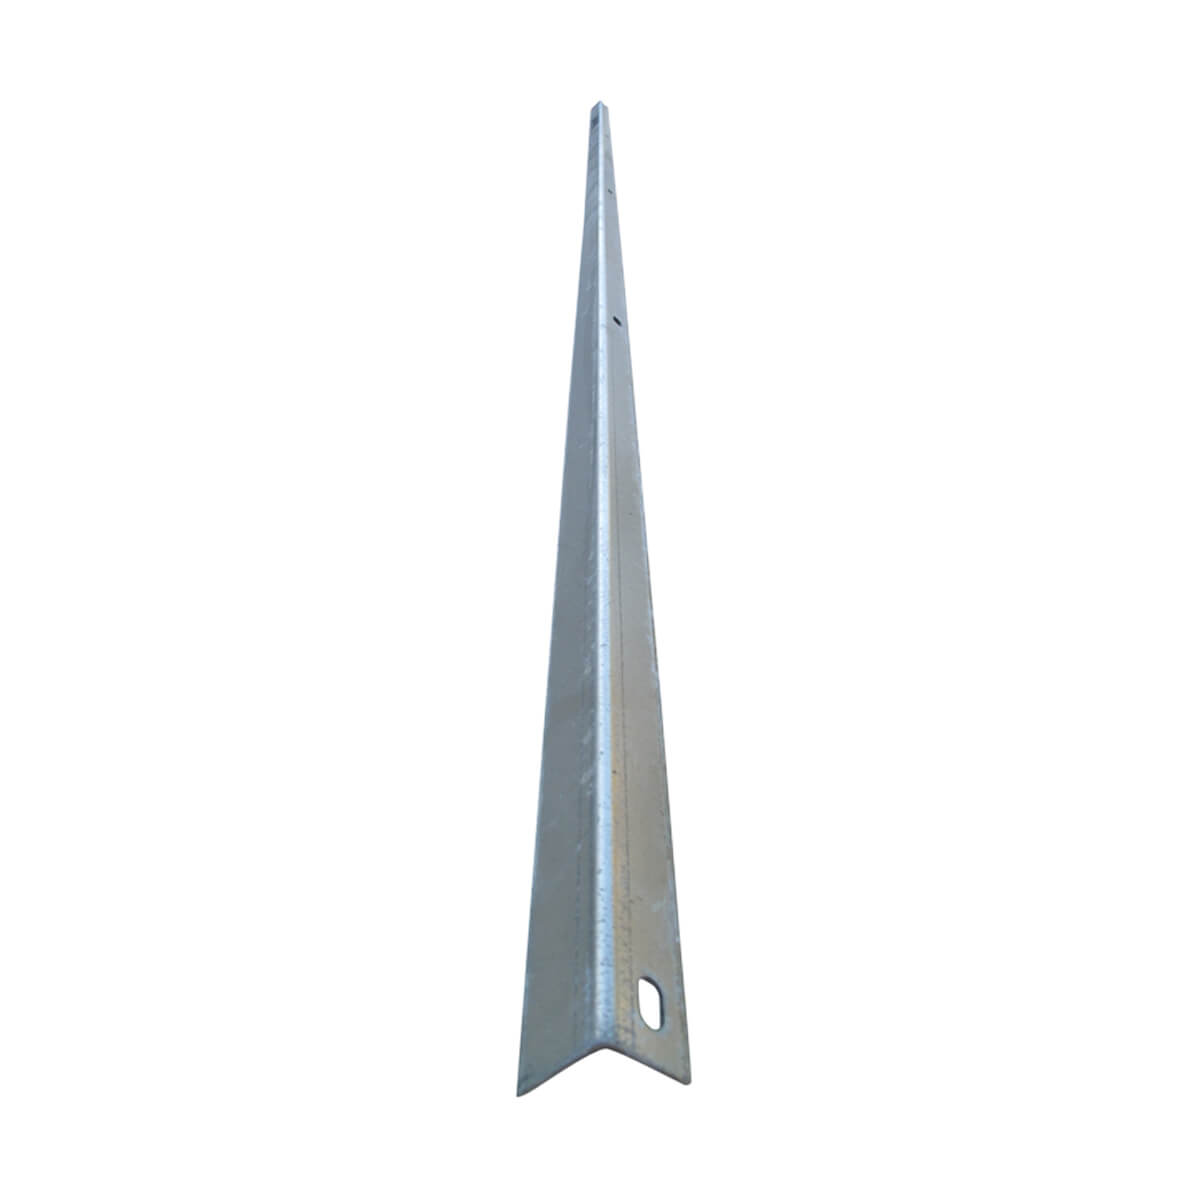 Westeel Bin Upright (0.101 x 122)